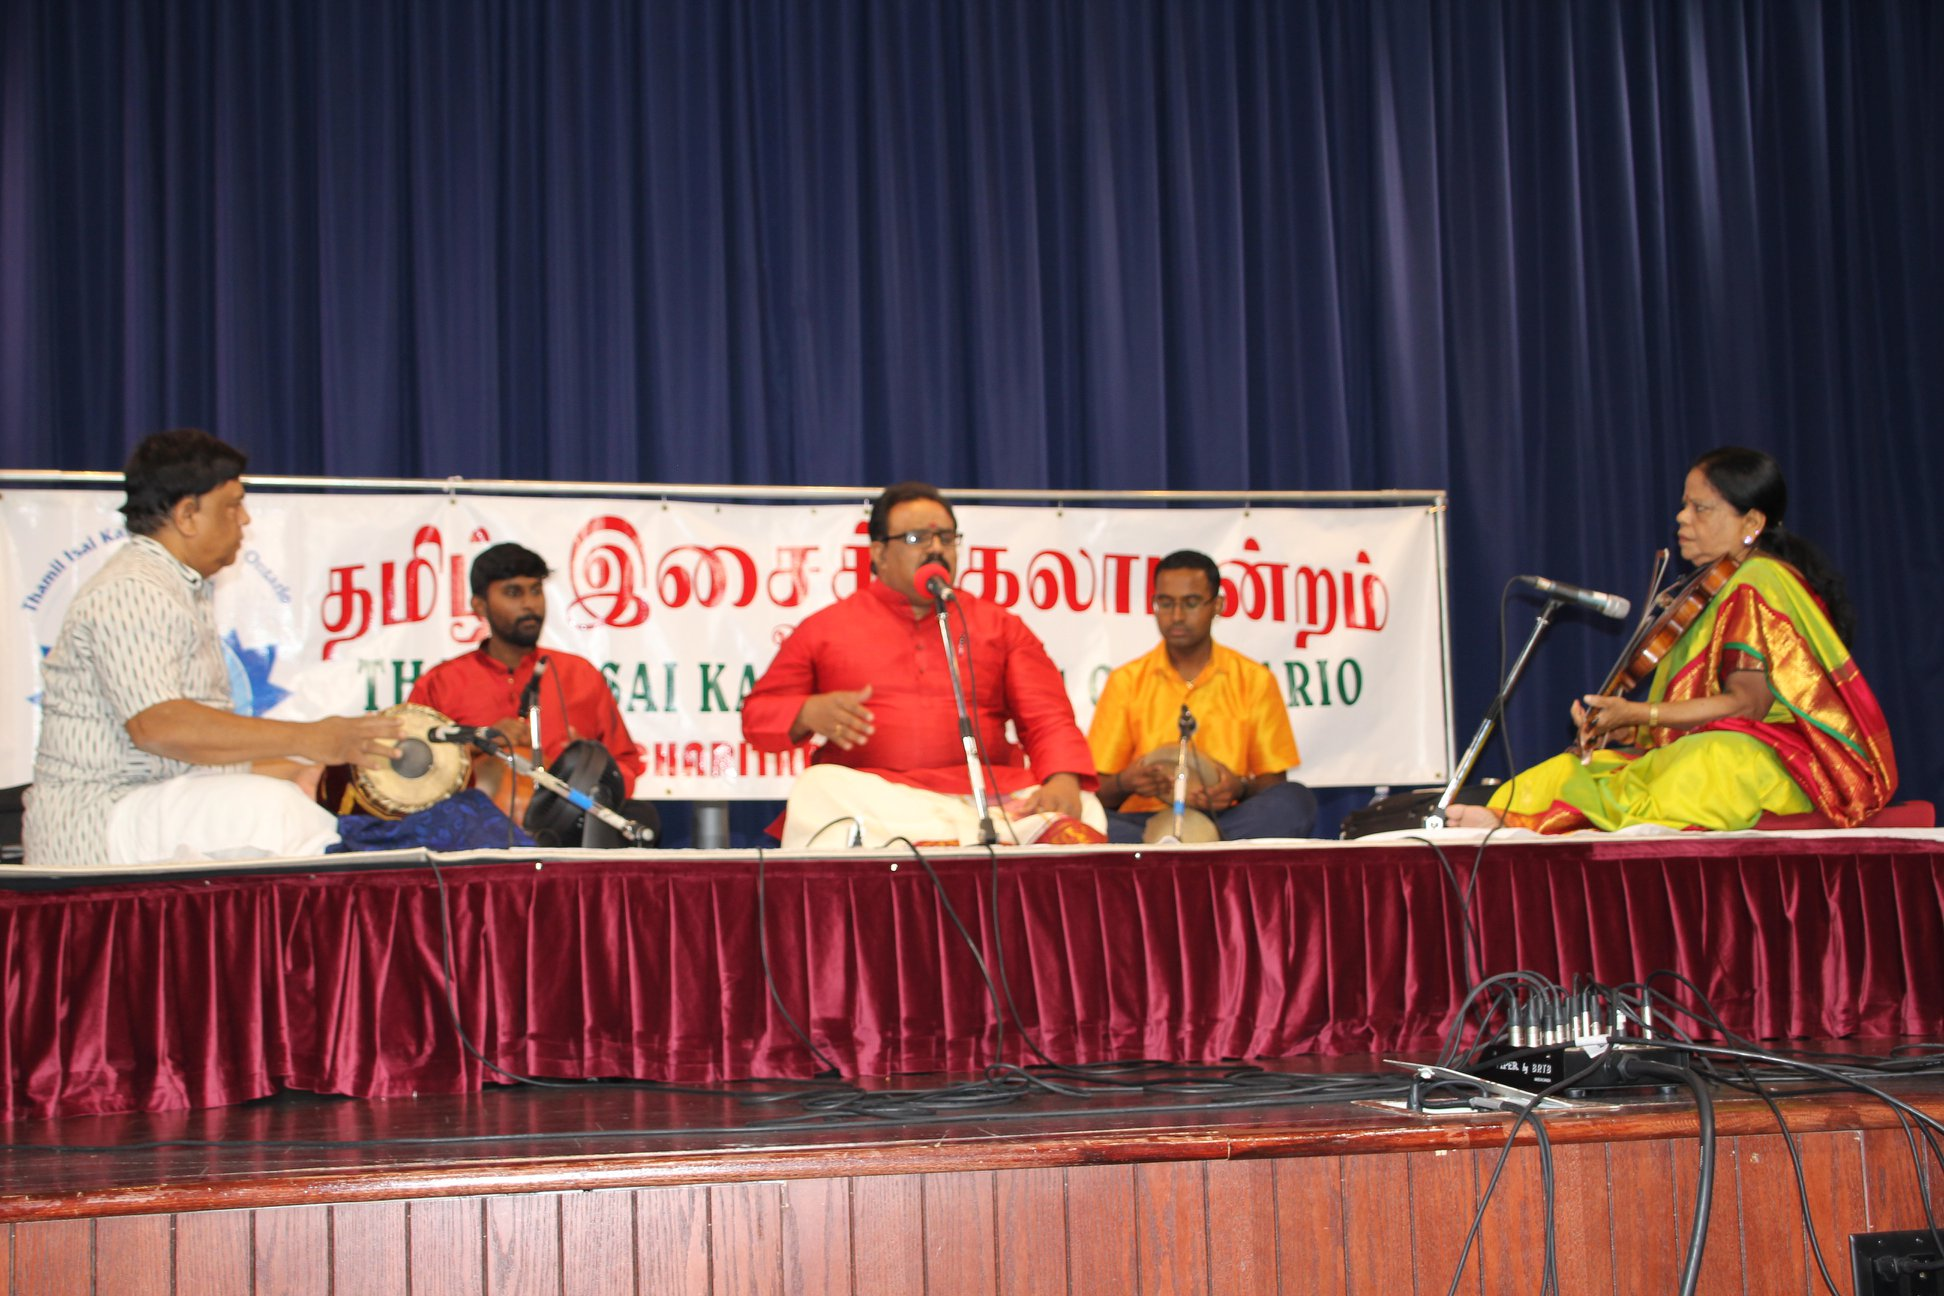 """ஸ்காபுறோவில் உள்ள மன்றத்தின் கலா மண்டபத்தில் கனடாவில் கடந்த 25  ஶ்ரீ தியாகராஜ இசை உற்சவம்"""" வருட நடைபெற்றது."""